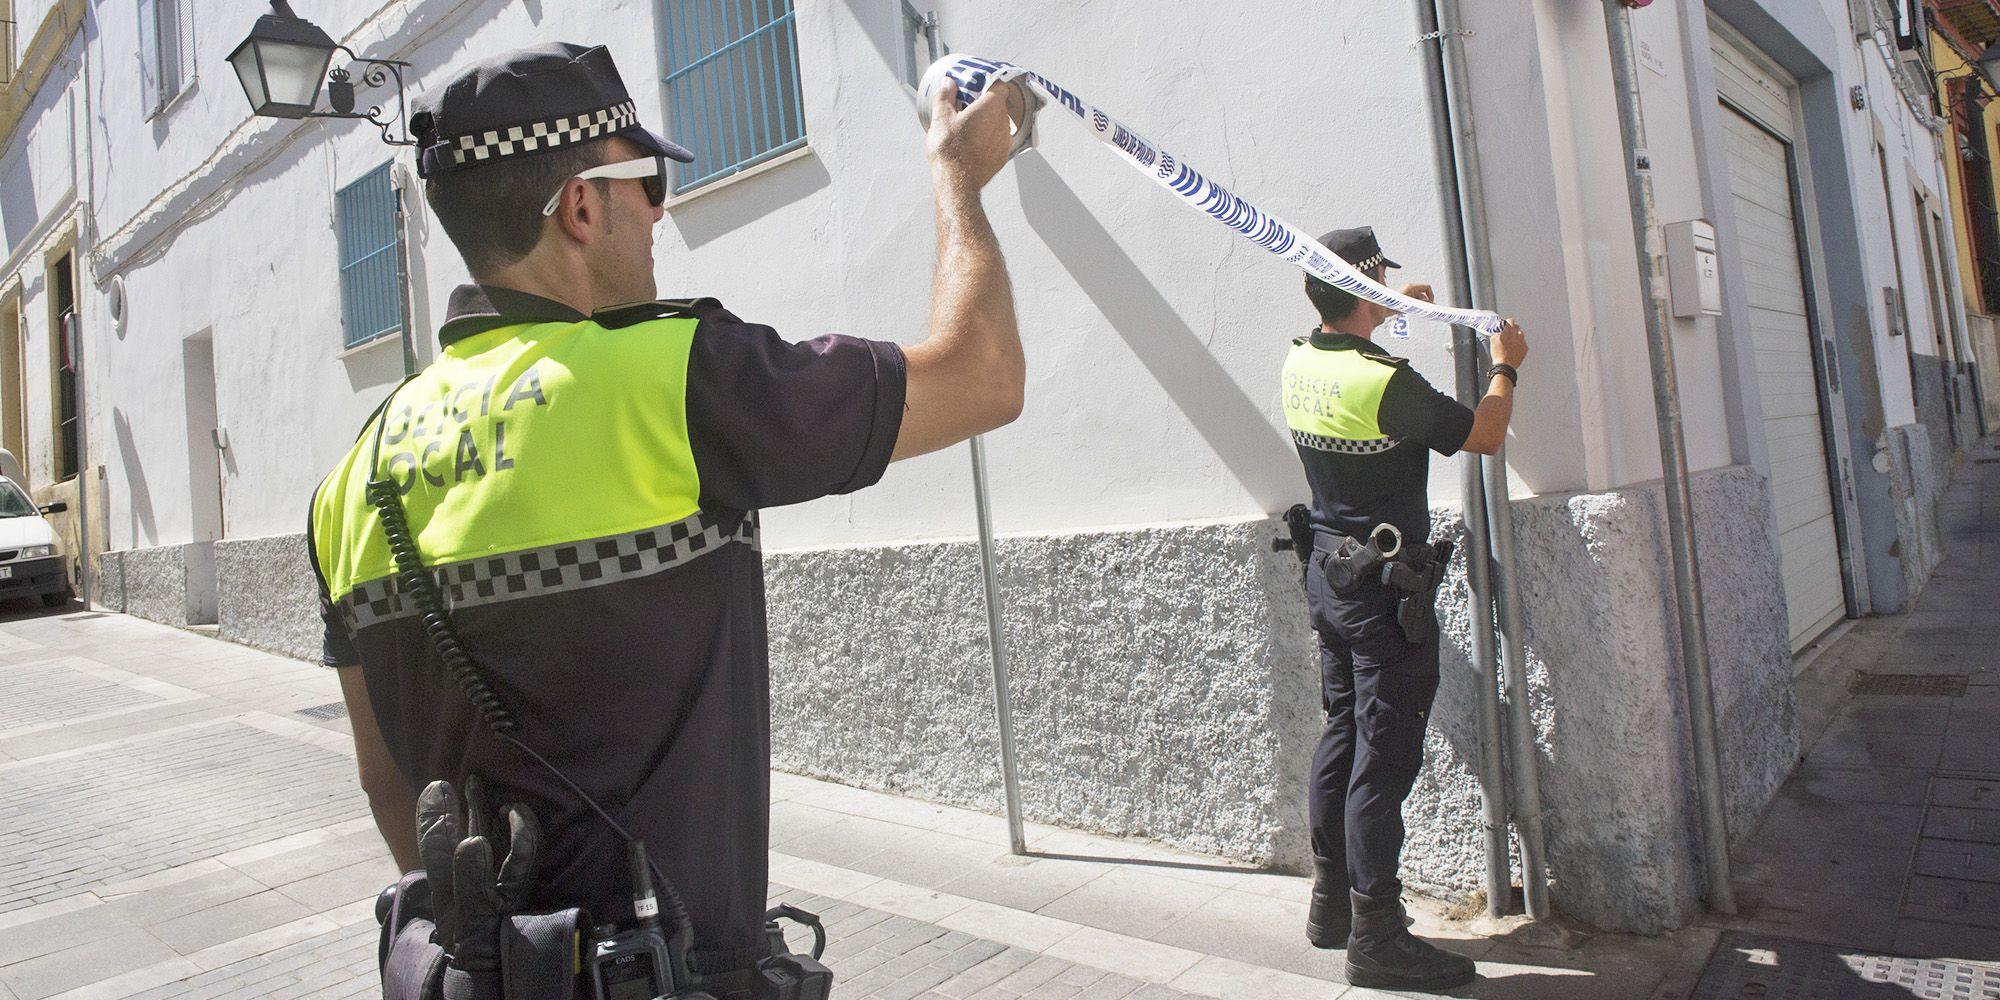 Policías locales acordonan la calle | Juan Carlos Corchado para MIRA Jerez